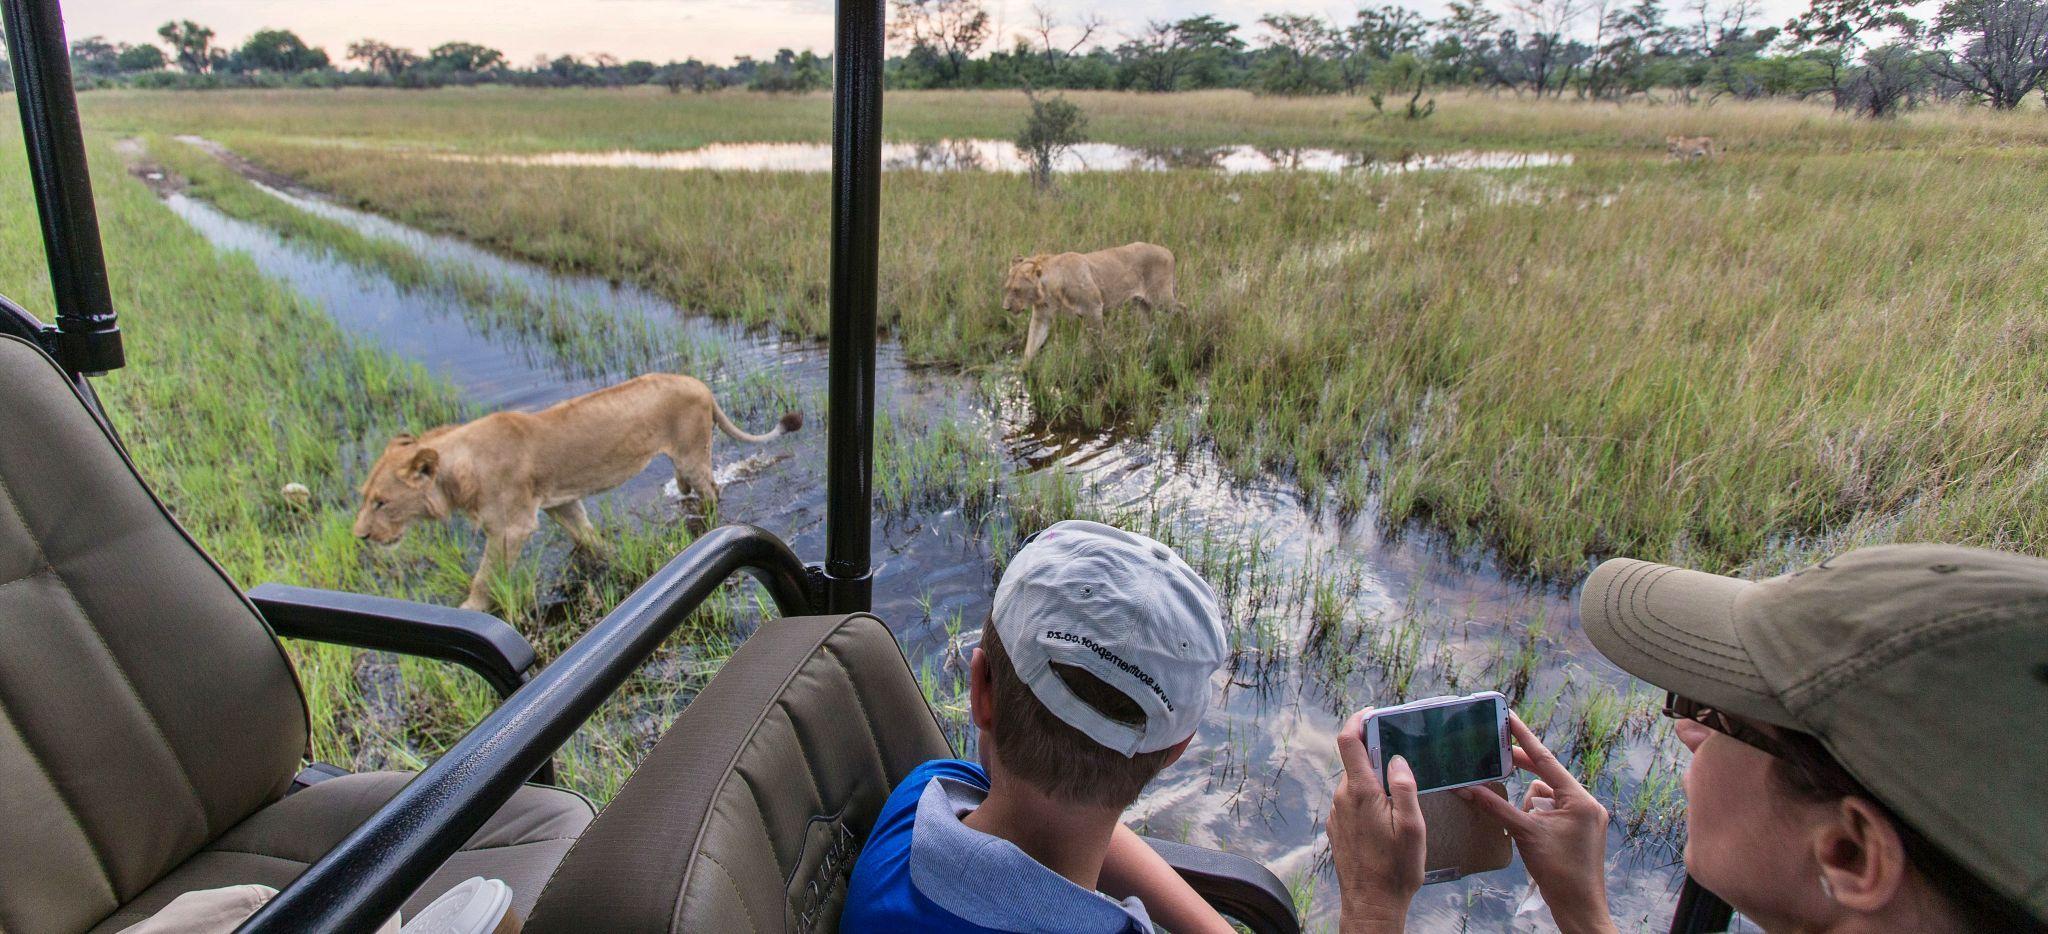 Hotelgäste fotographieren Löwen direkt neben ihrem Safari-Jeep